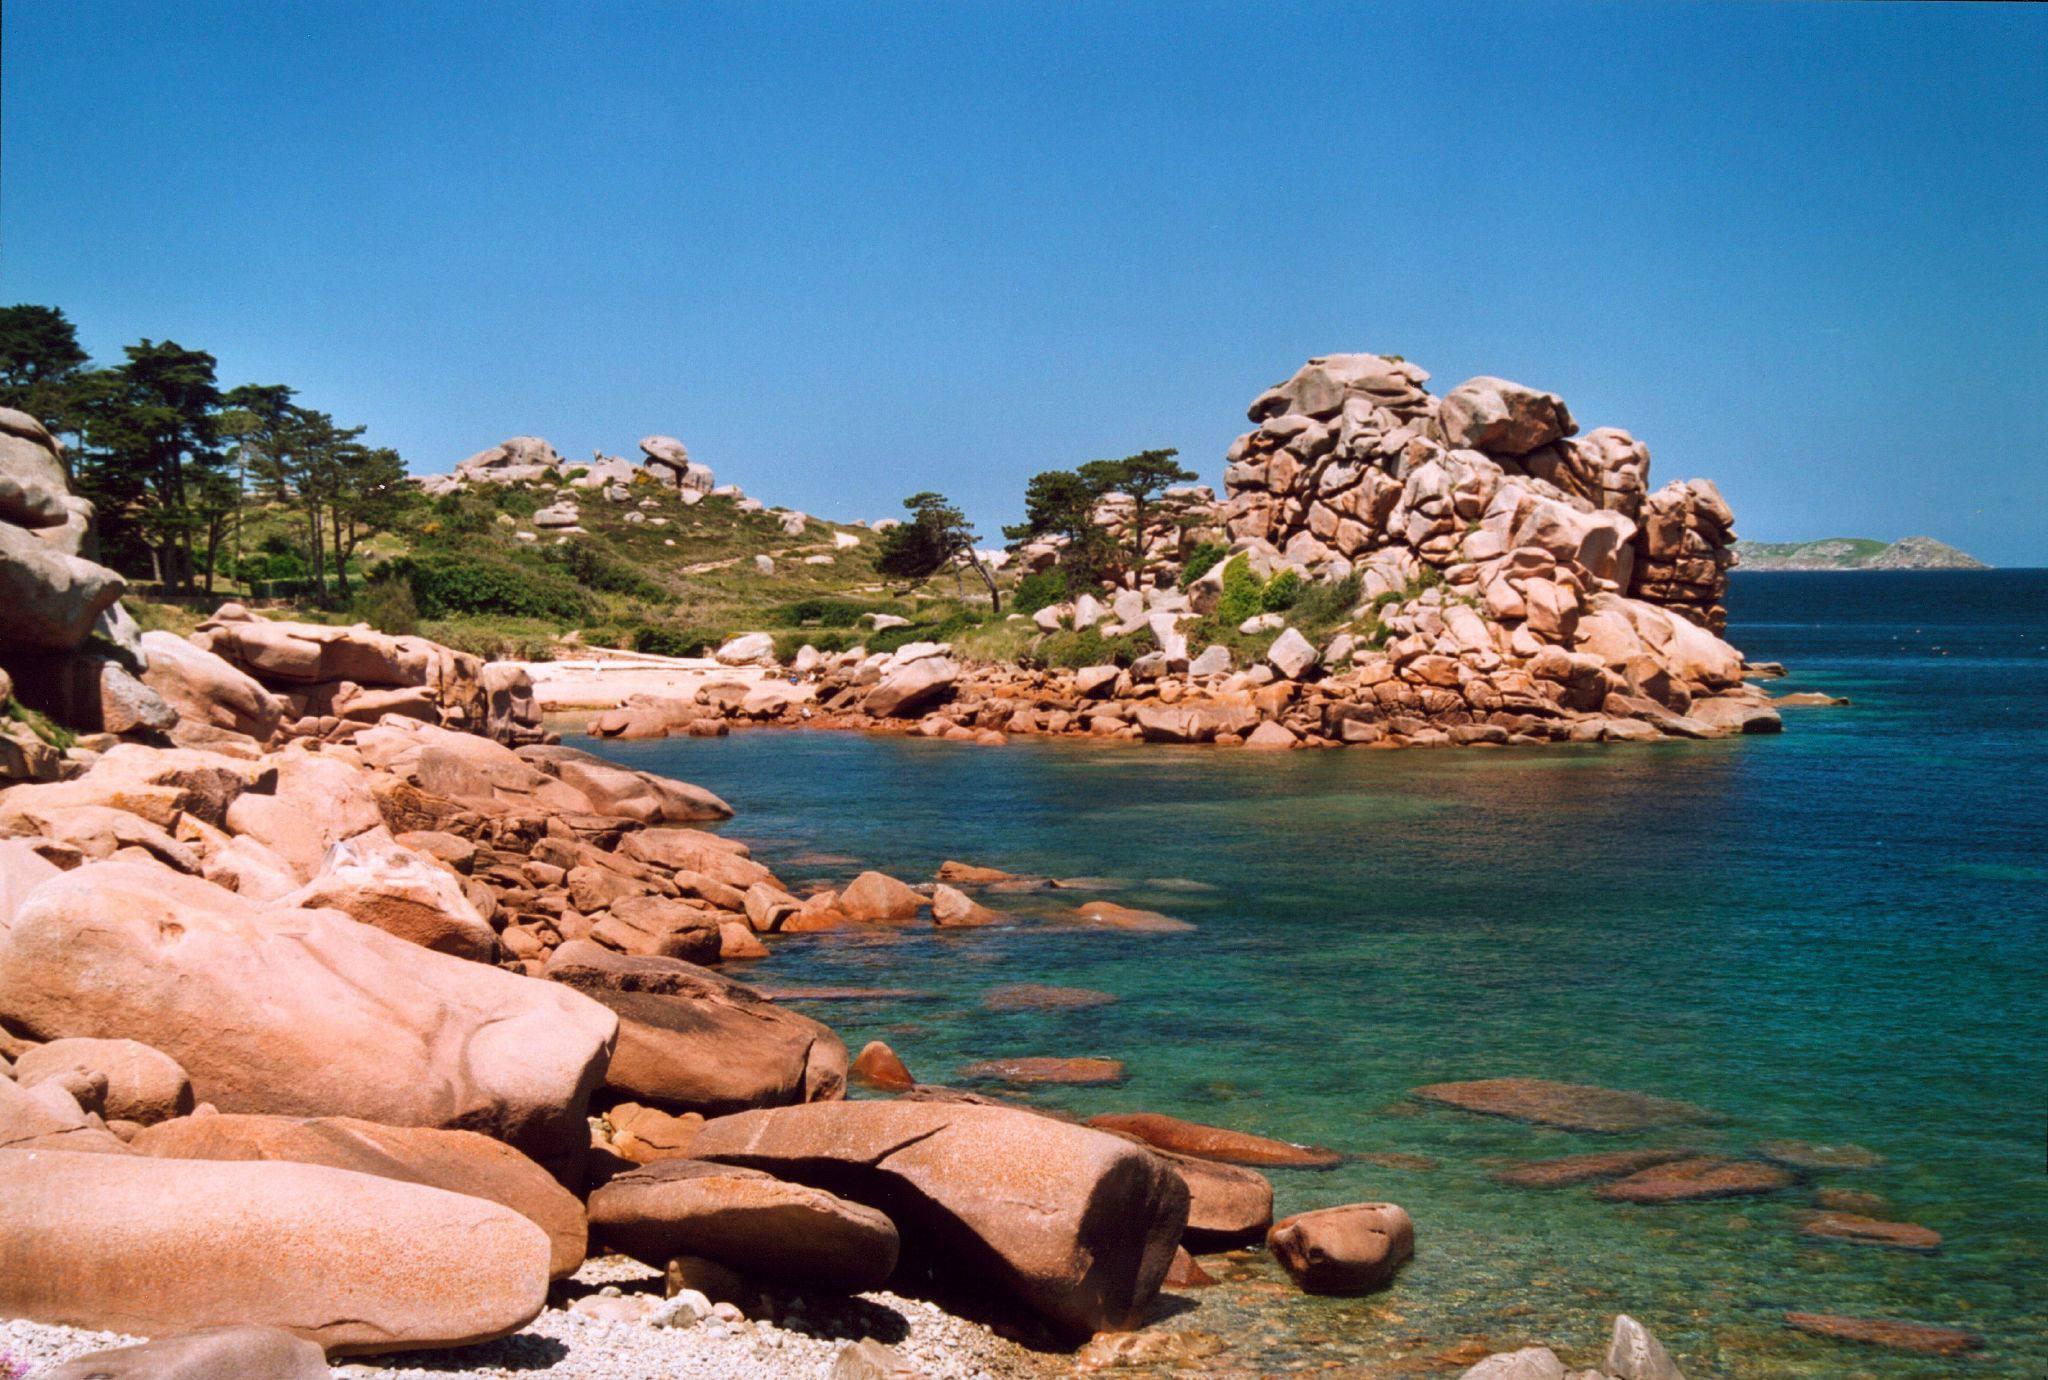 Eau transparente sur la côte de Granit Rose